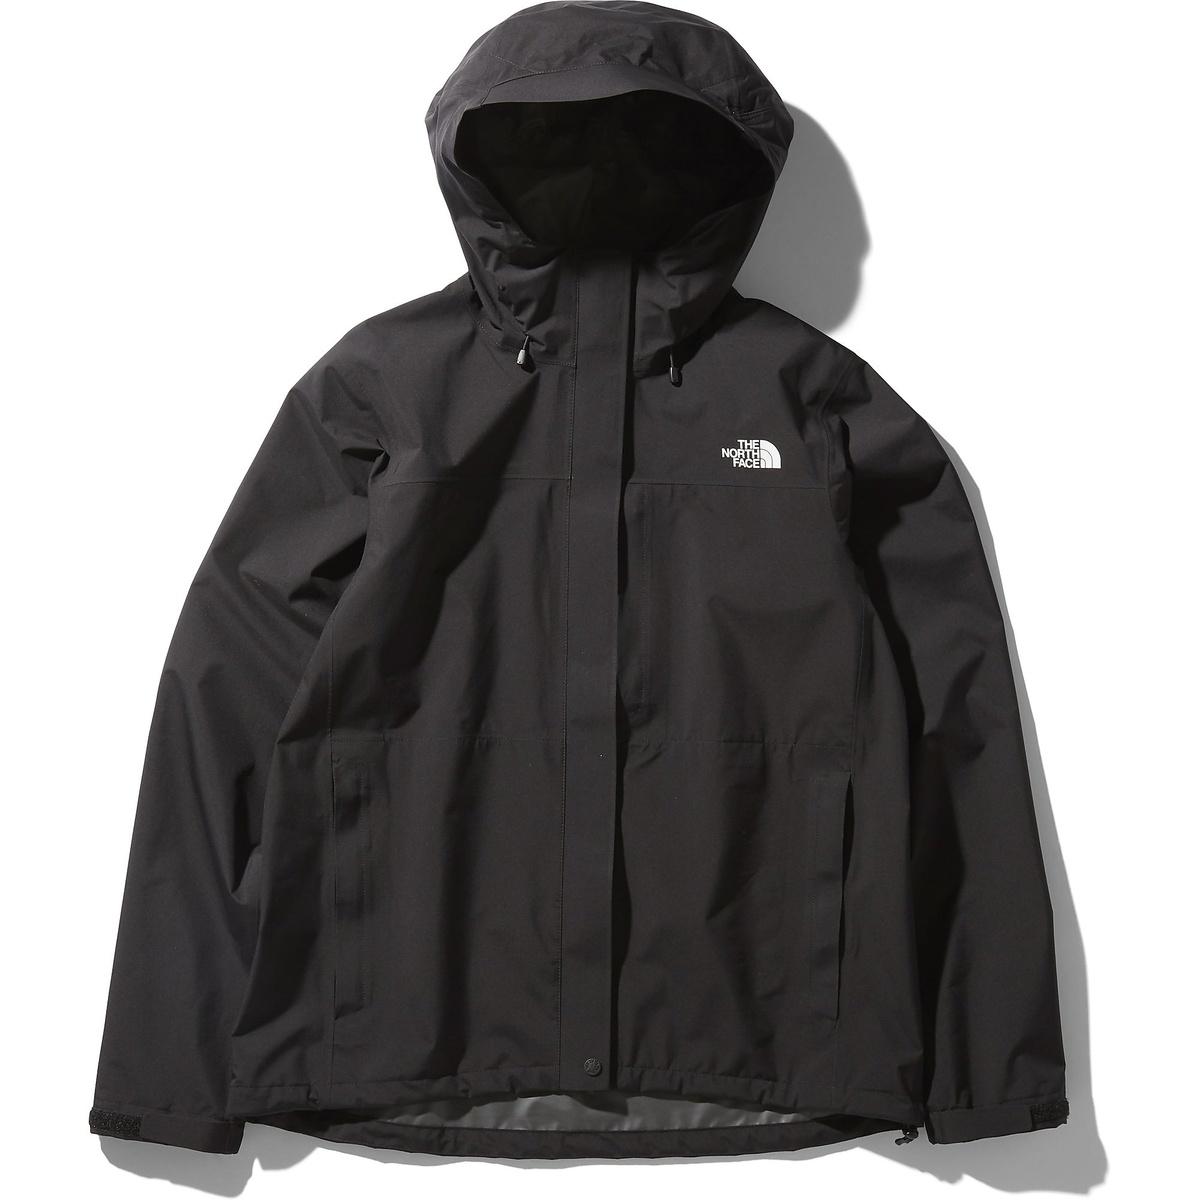 【送料無料】 THE NORTH FACE (ノースフェイス) トレッキング アウトドア 薄手ジャケット Cloud Jacket レディース K NPW11712 K